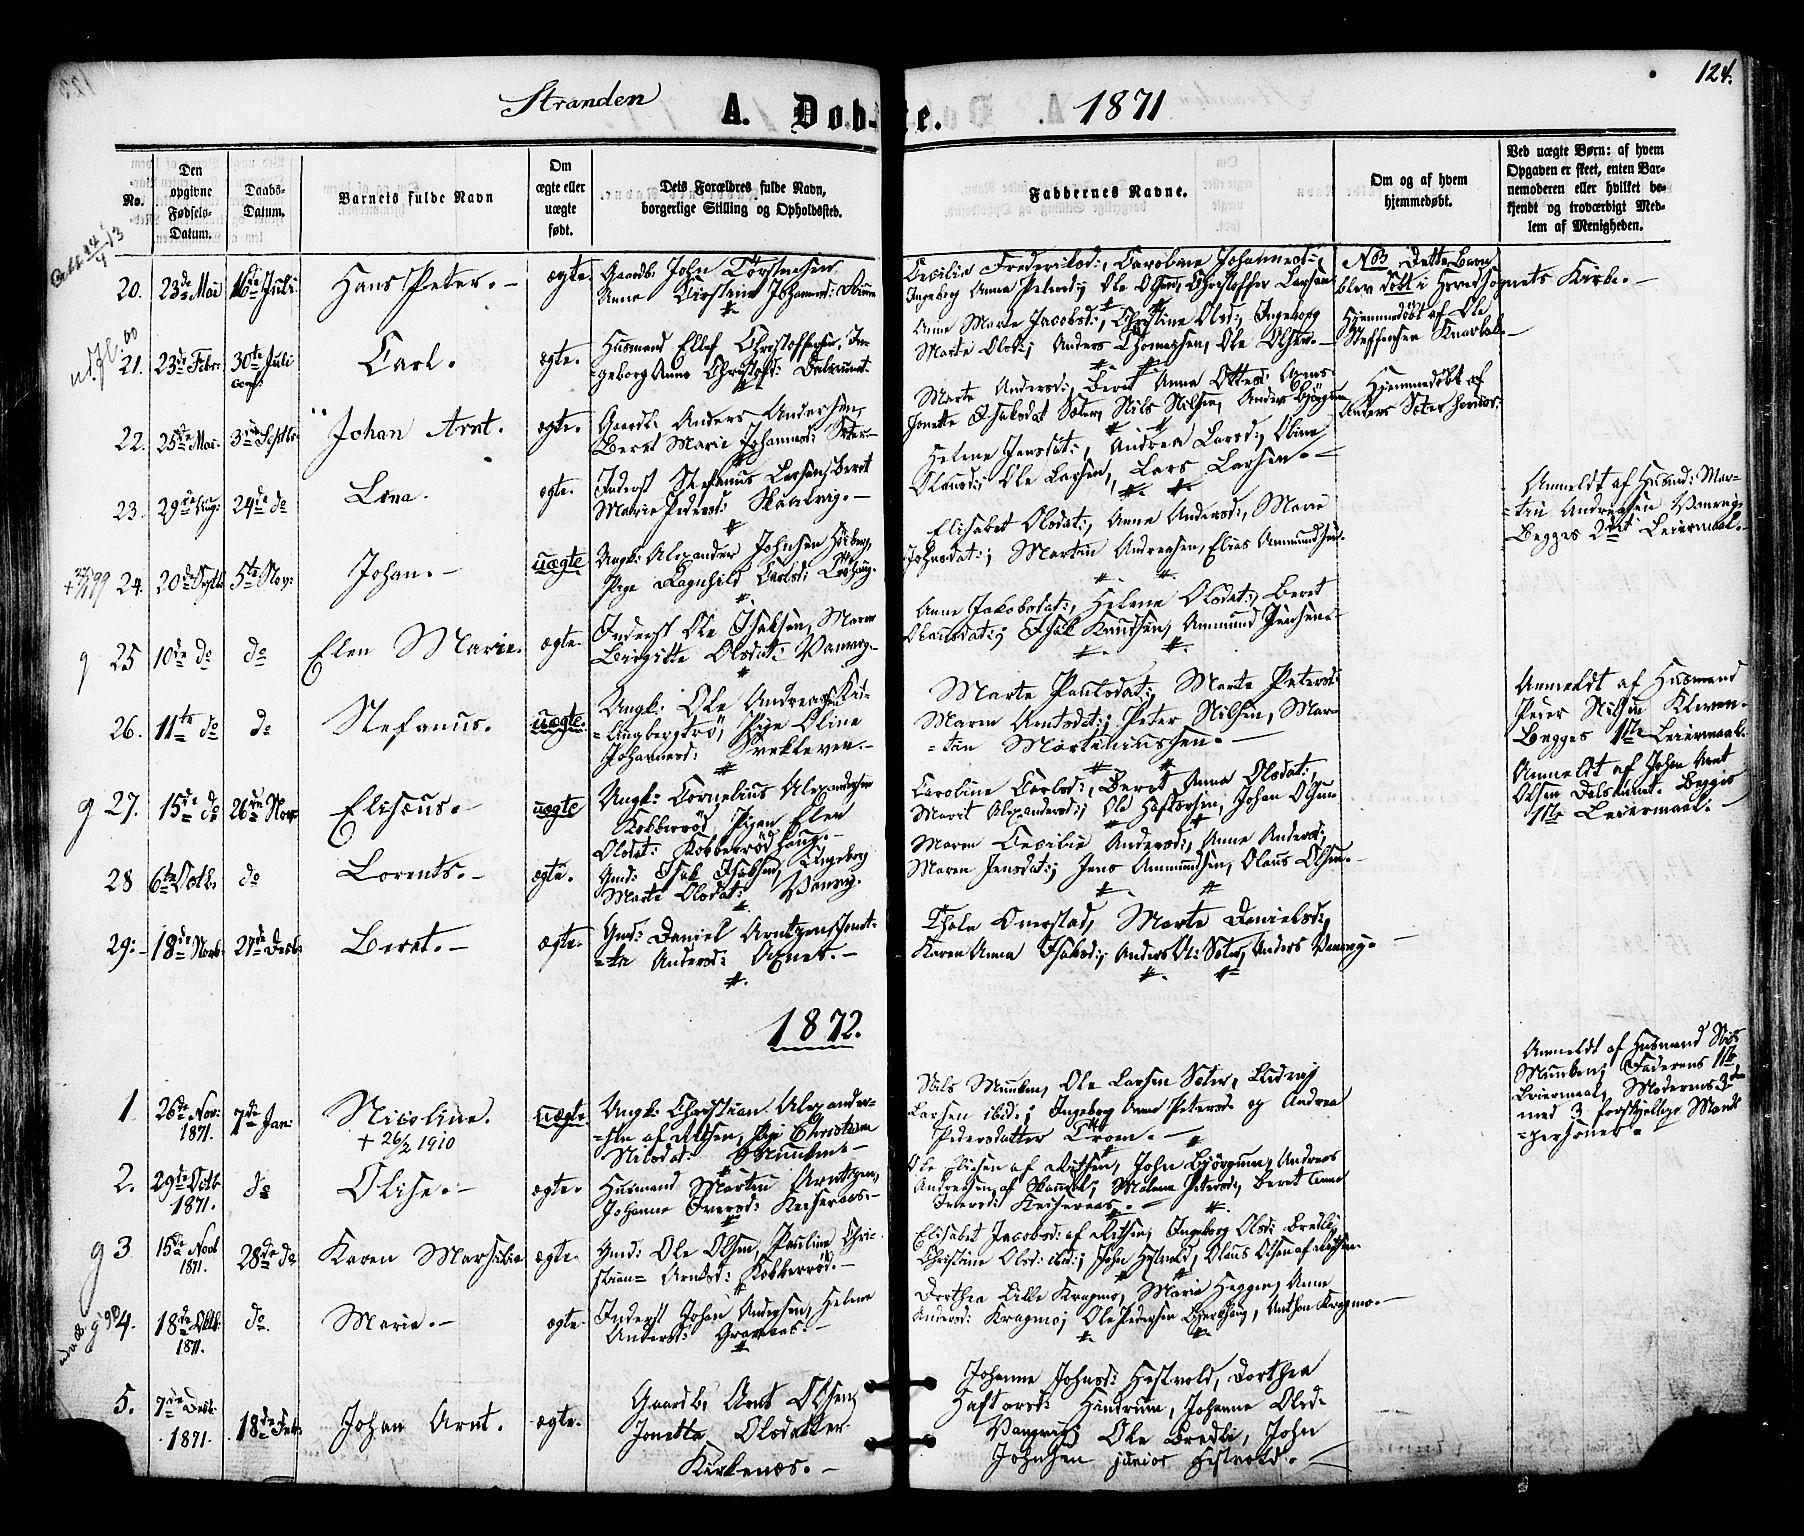 SAT, Ministerialprotokoller, klokkerbøker og fødselsregistre - Nord-Trøndelag, 701/L0009: Ministerialbok nr. 701A09 /2, 1864-1882, s. 124